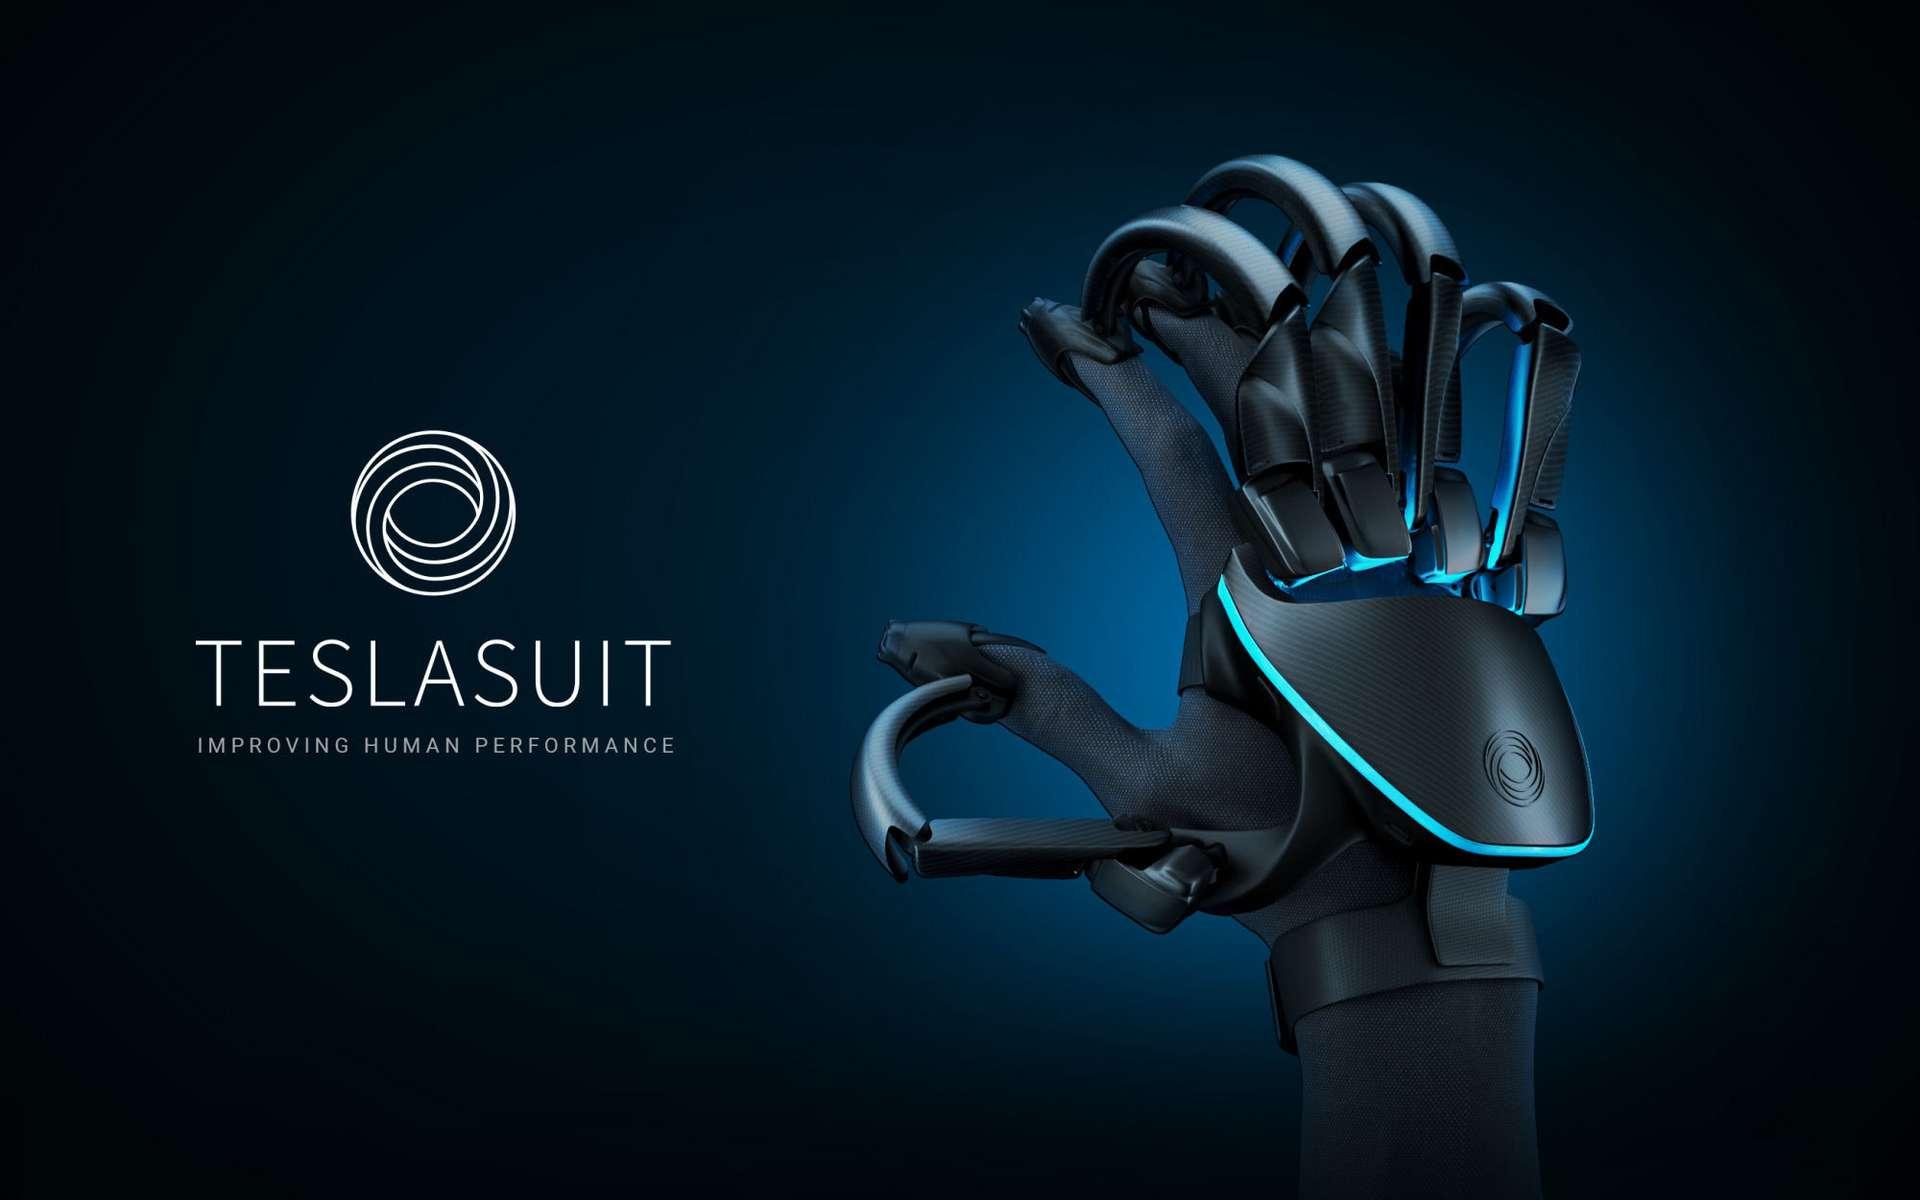 Parcouru d'un réseau d'électrodes, le gant permet d'avoir la sensation de tenir des objets mais... ce ne sera pas encore pour les joueurs. © Teslasuit